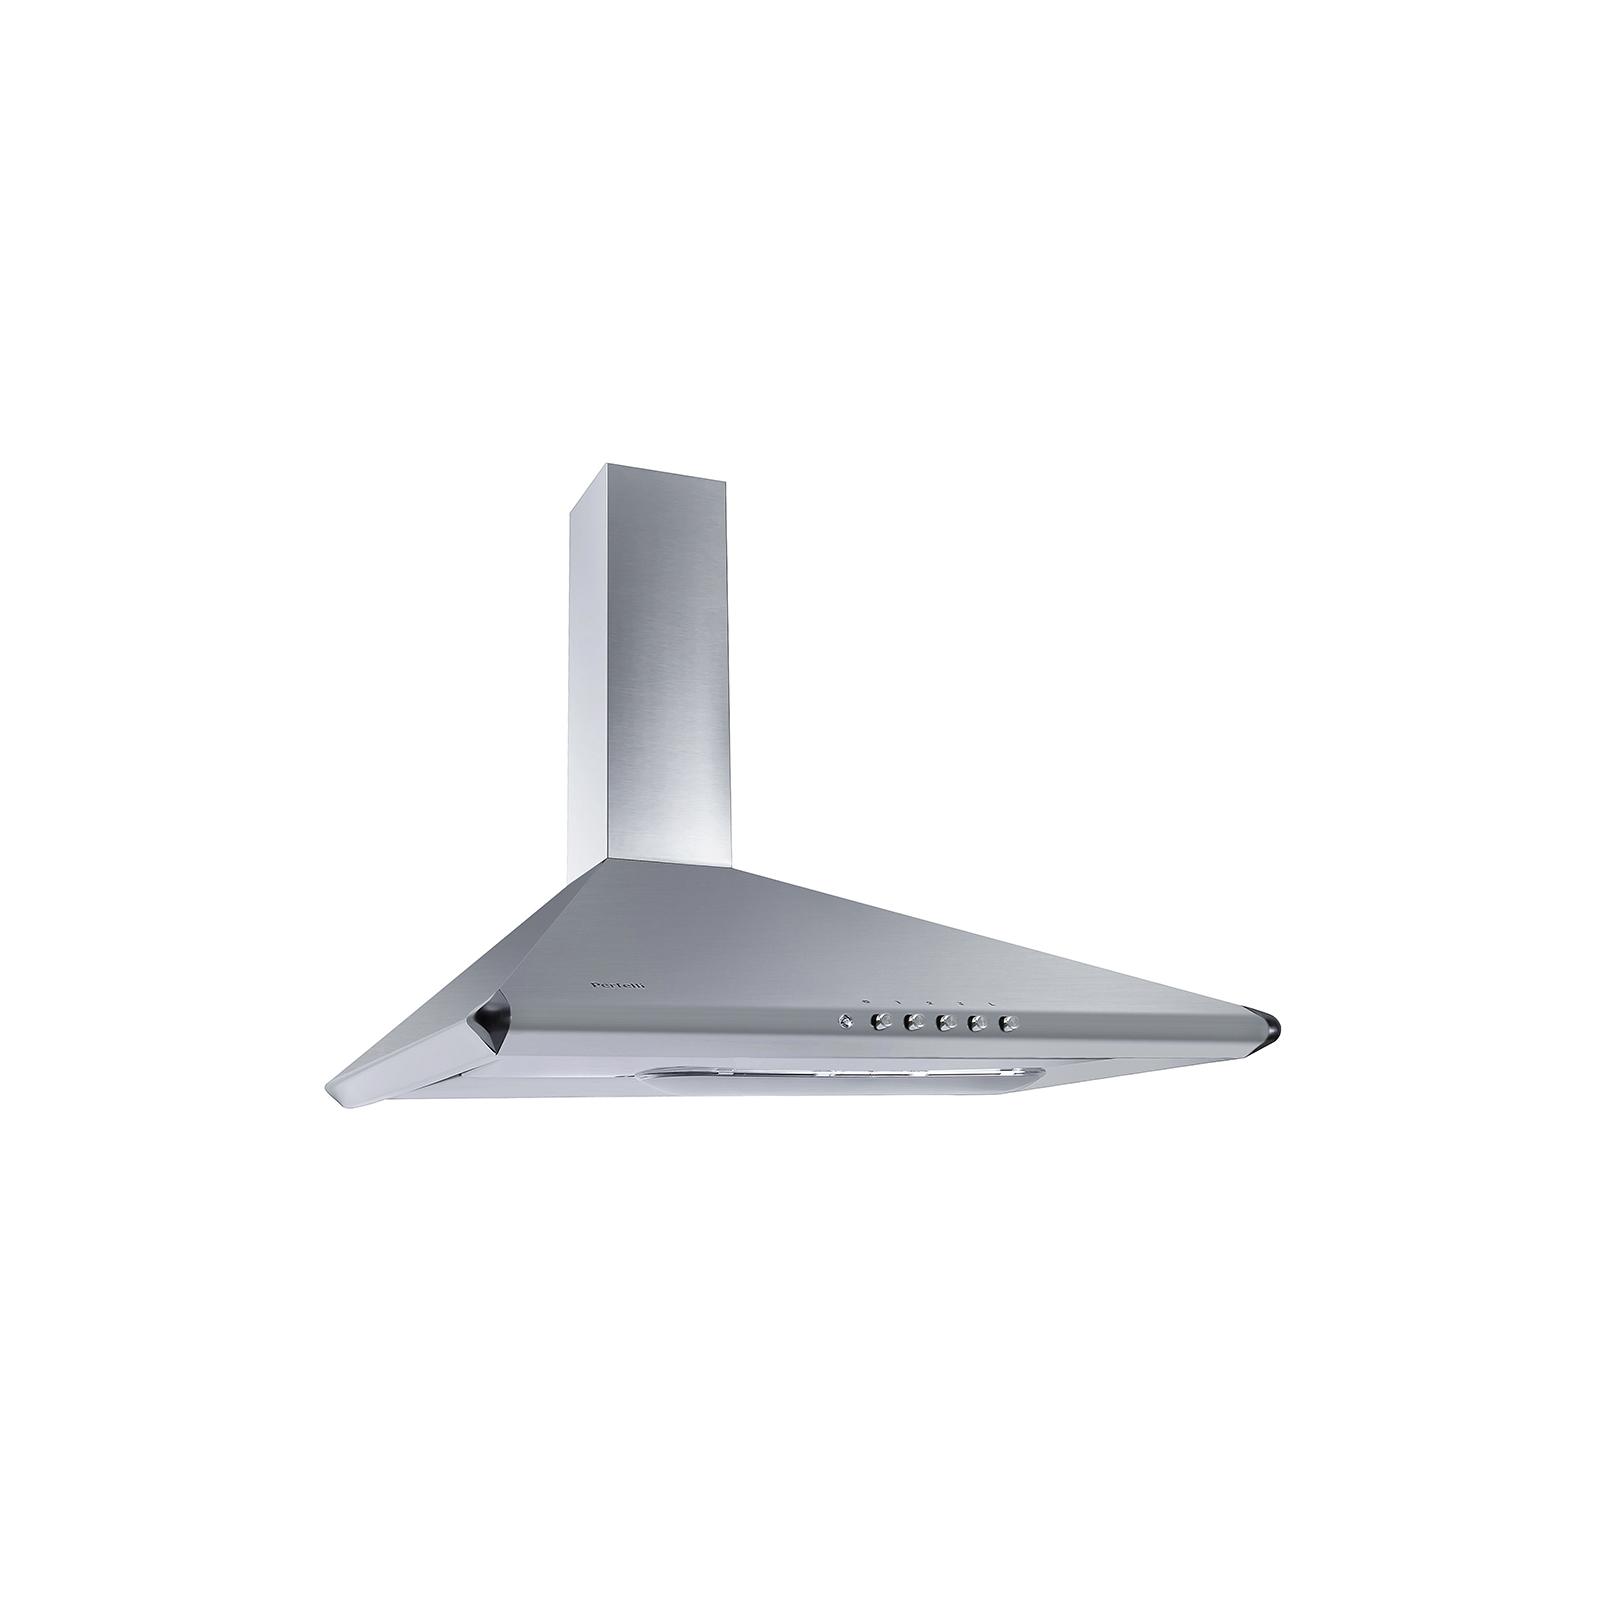 Вытяжка кухонная PERFELLI K 510 BR изображение 2